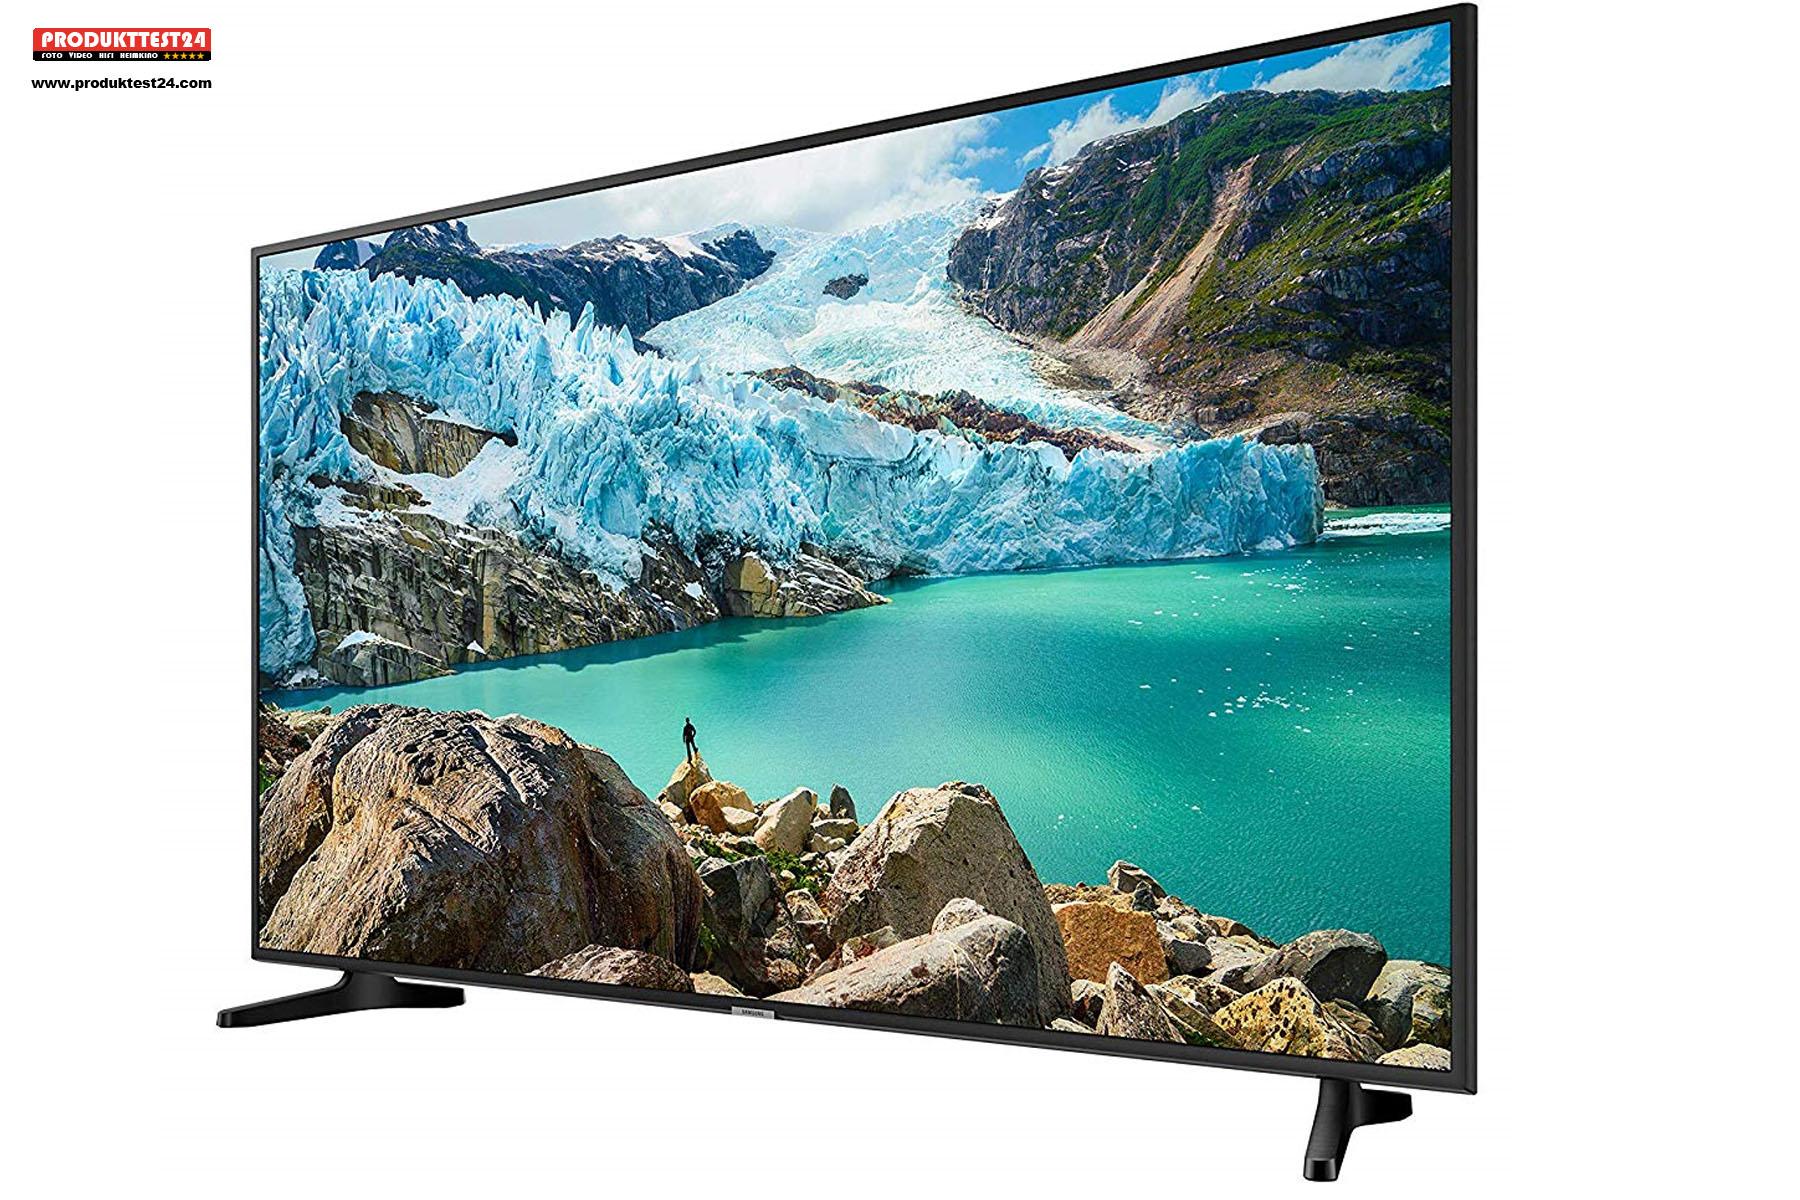 Echter Ultra HD Fernseher mit 65 Zoll Bilddiagonale und HDR Unterstützung